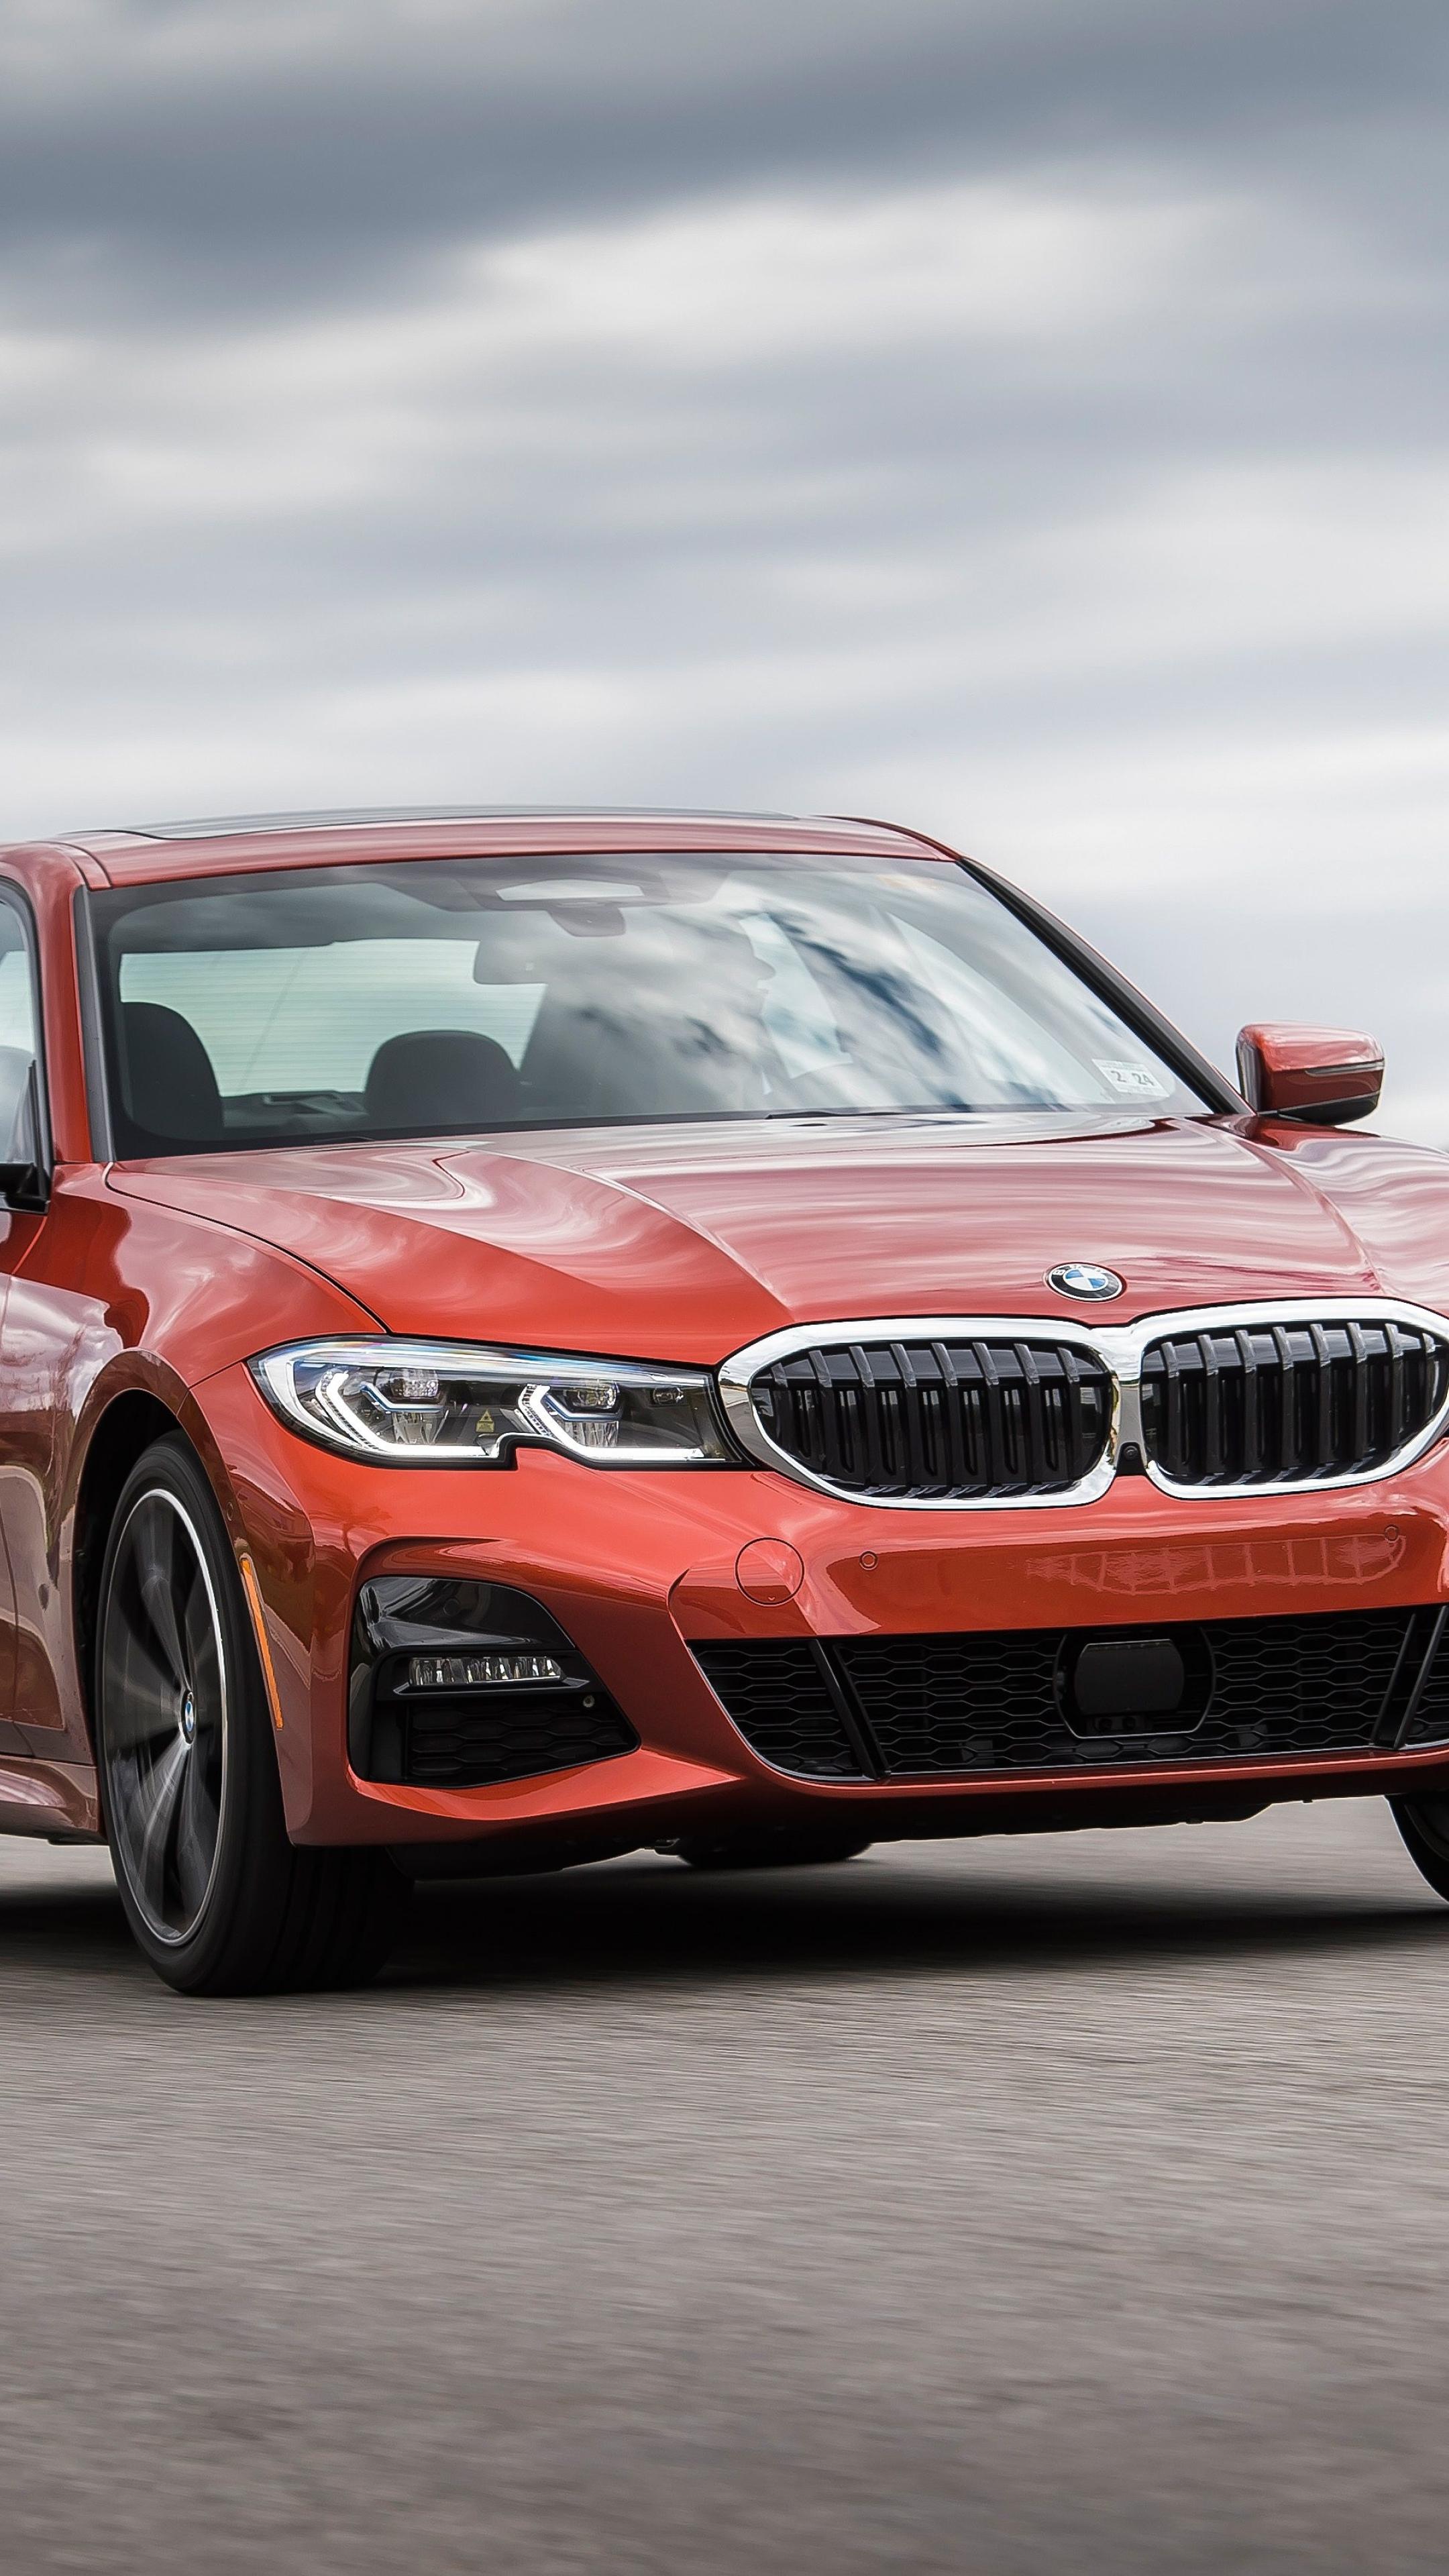 2160x3840 BMW 330i xDrive Sony Xperia X,XZ,Z5 Premium ...